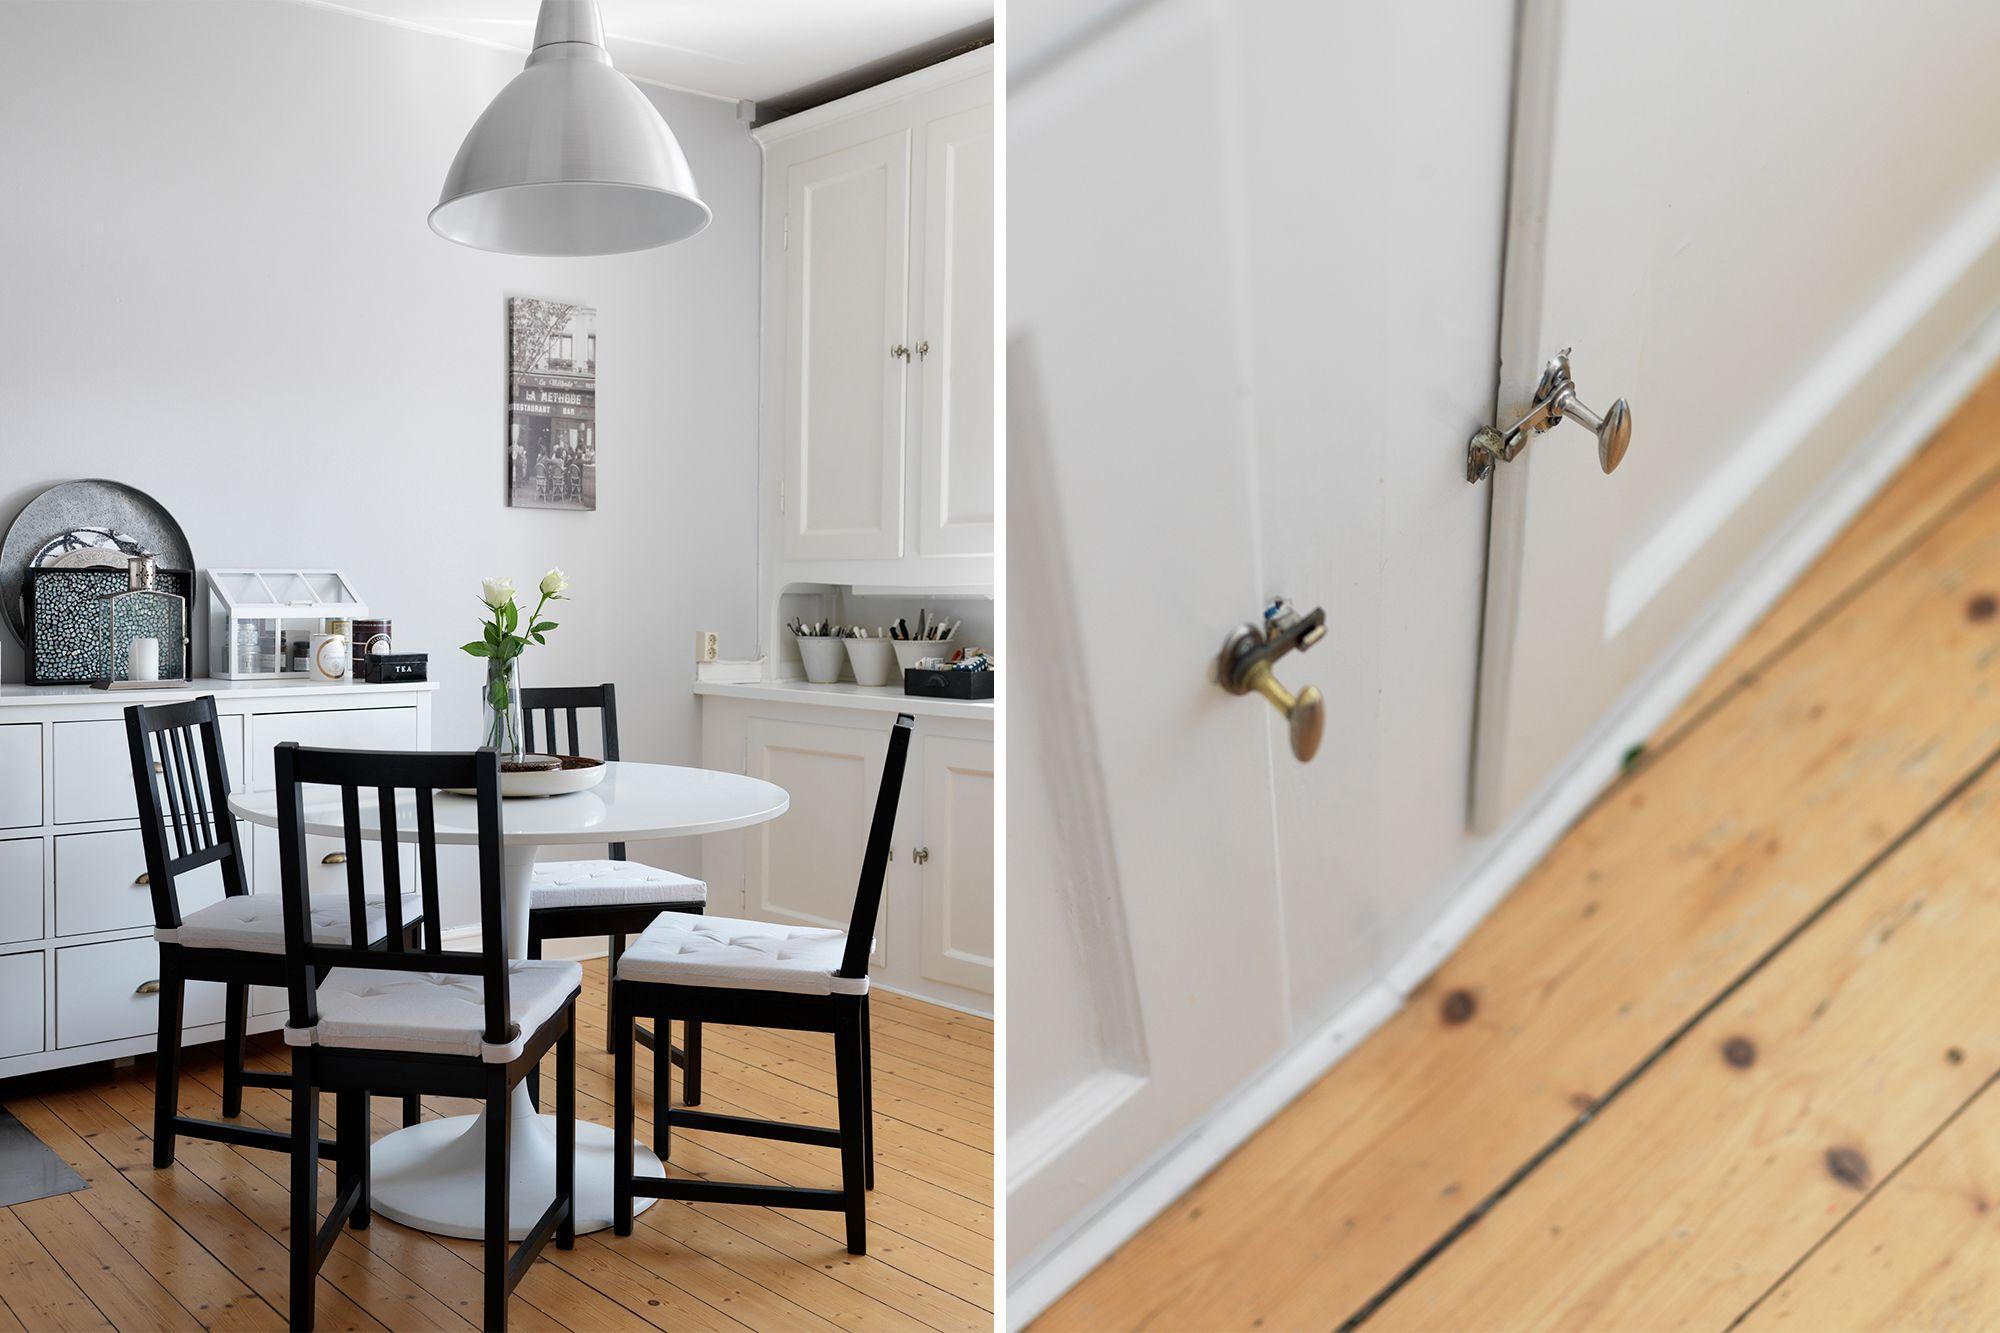 reformas casas y pisos reformar cocina pintando pintar pisos viejos decoracin pintar para reformar pintar baldosas